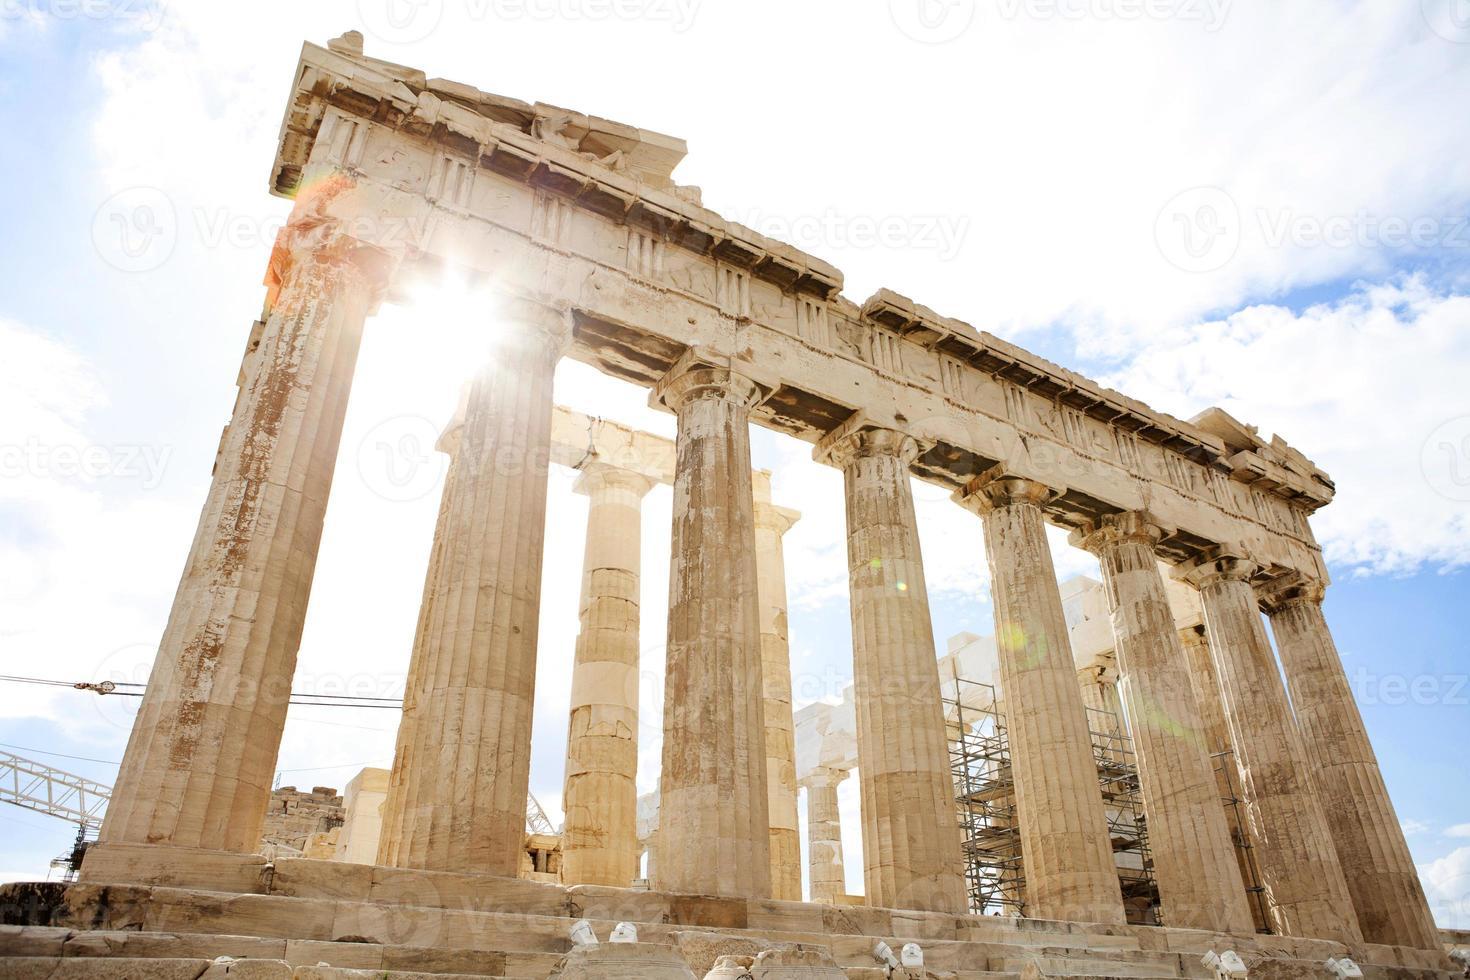 uitzicht op de Parthenon van de Akropolis op een heldere zonnige dag foto